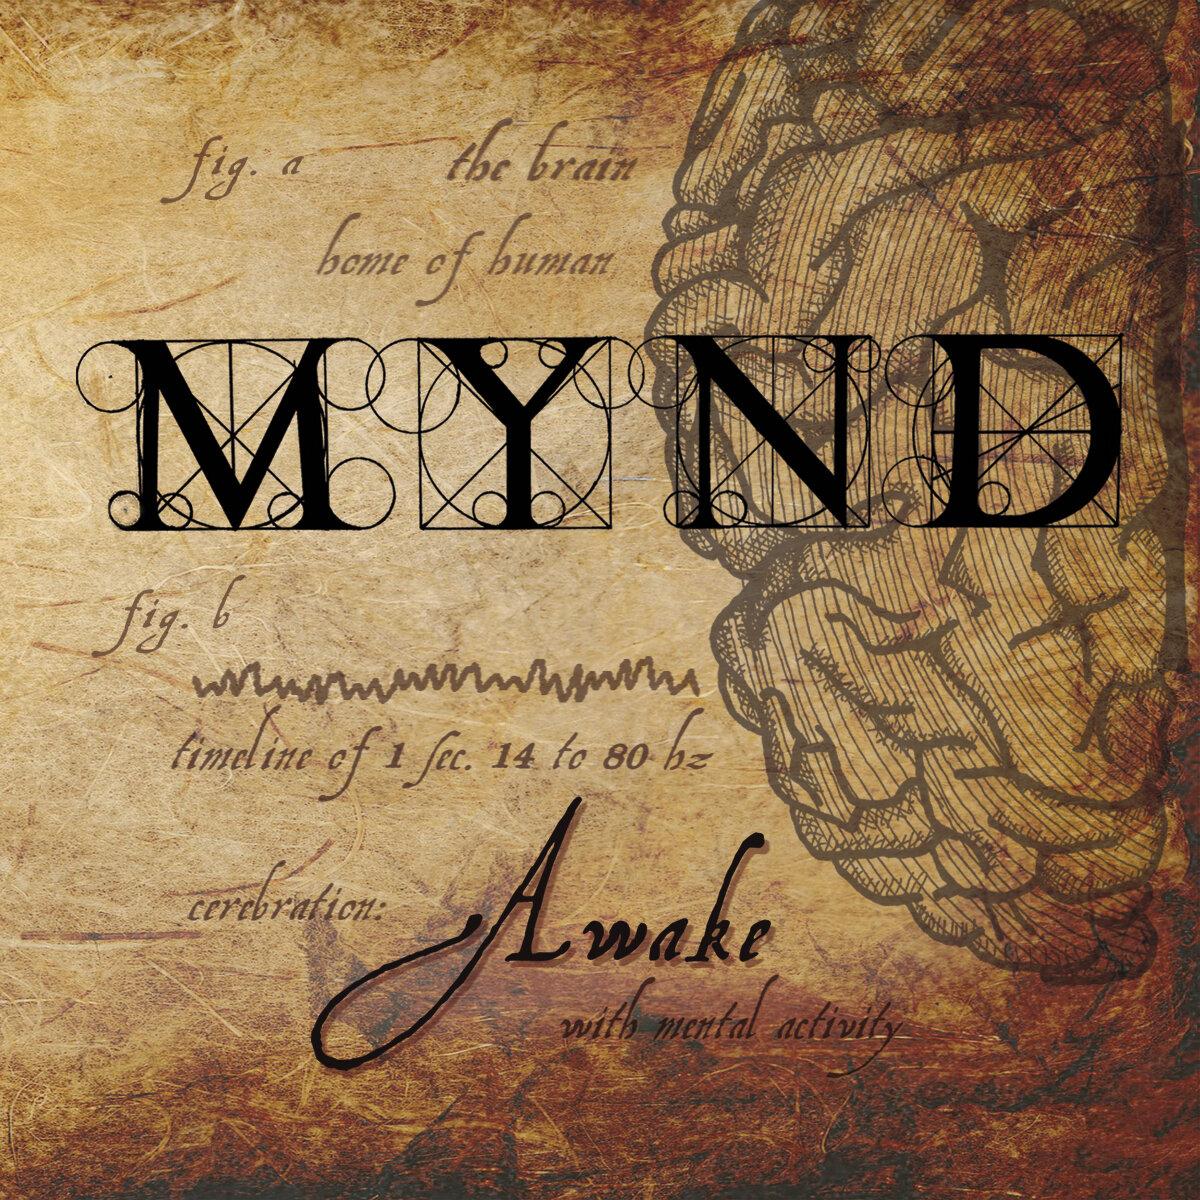 Album - Awake